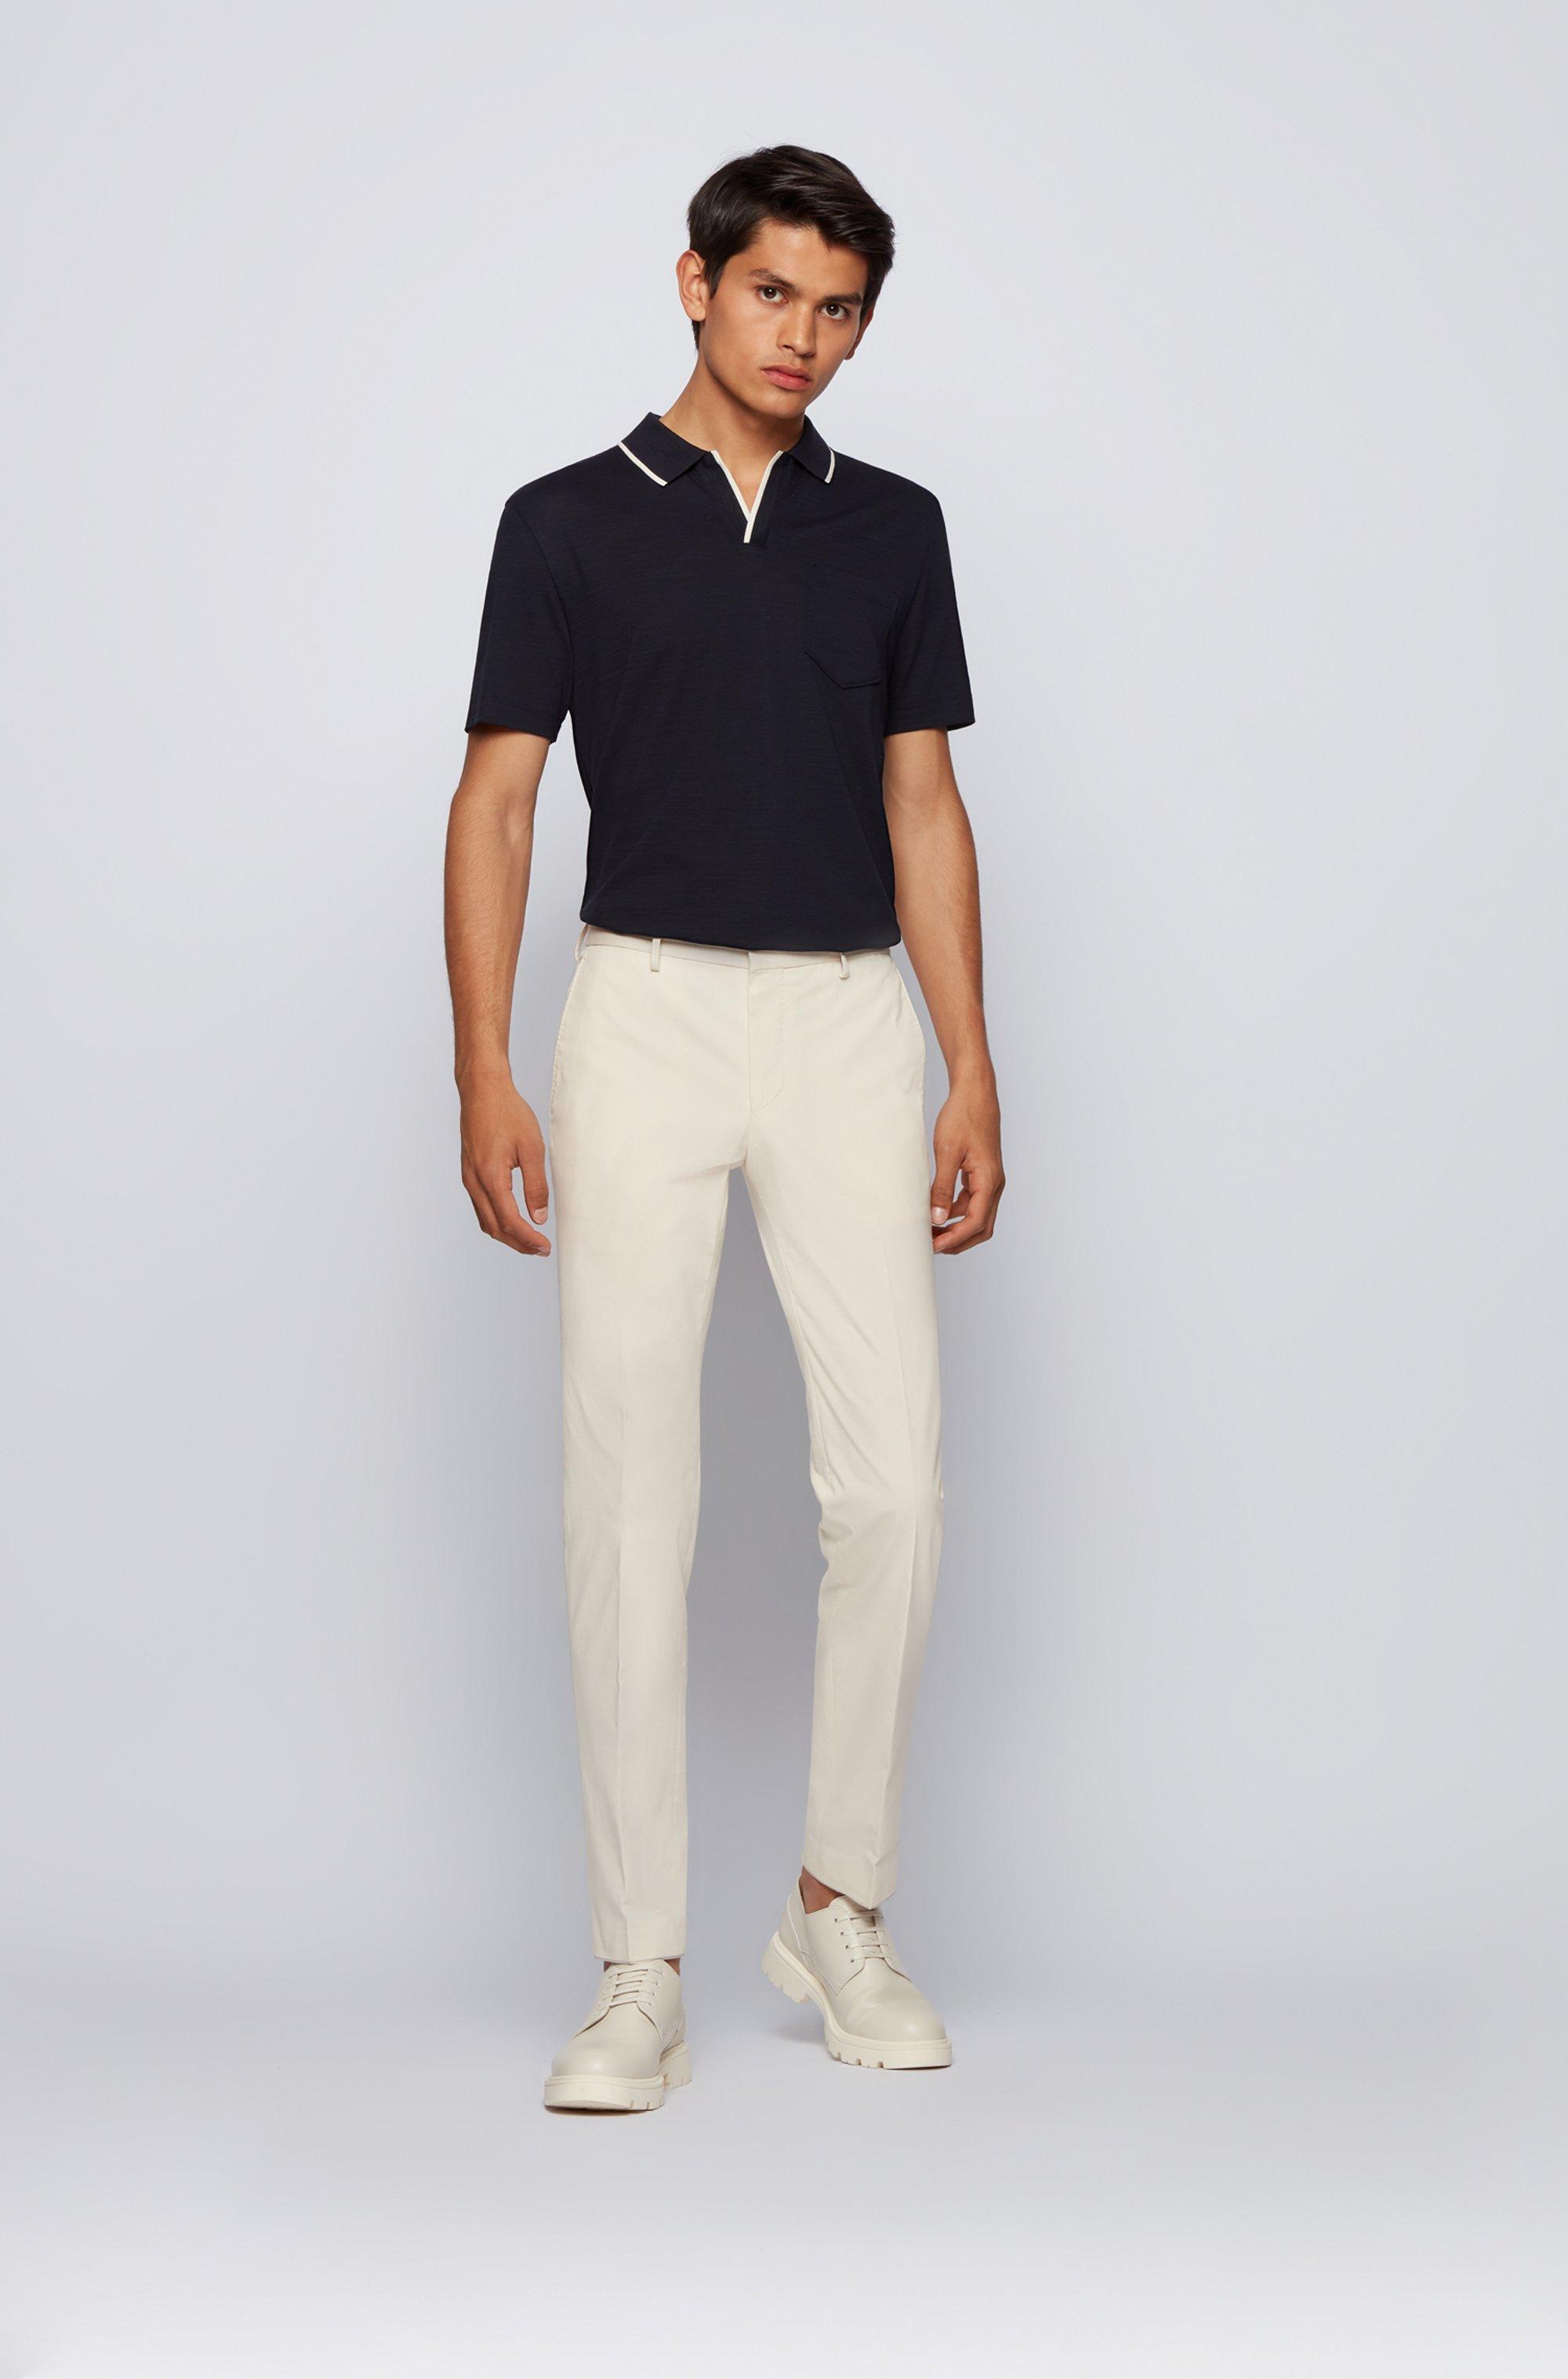 Open-neck polo shirt in a slub-cotton blend